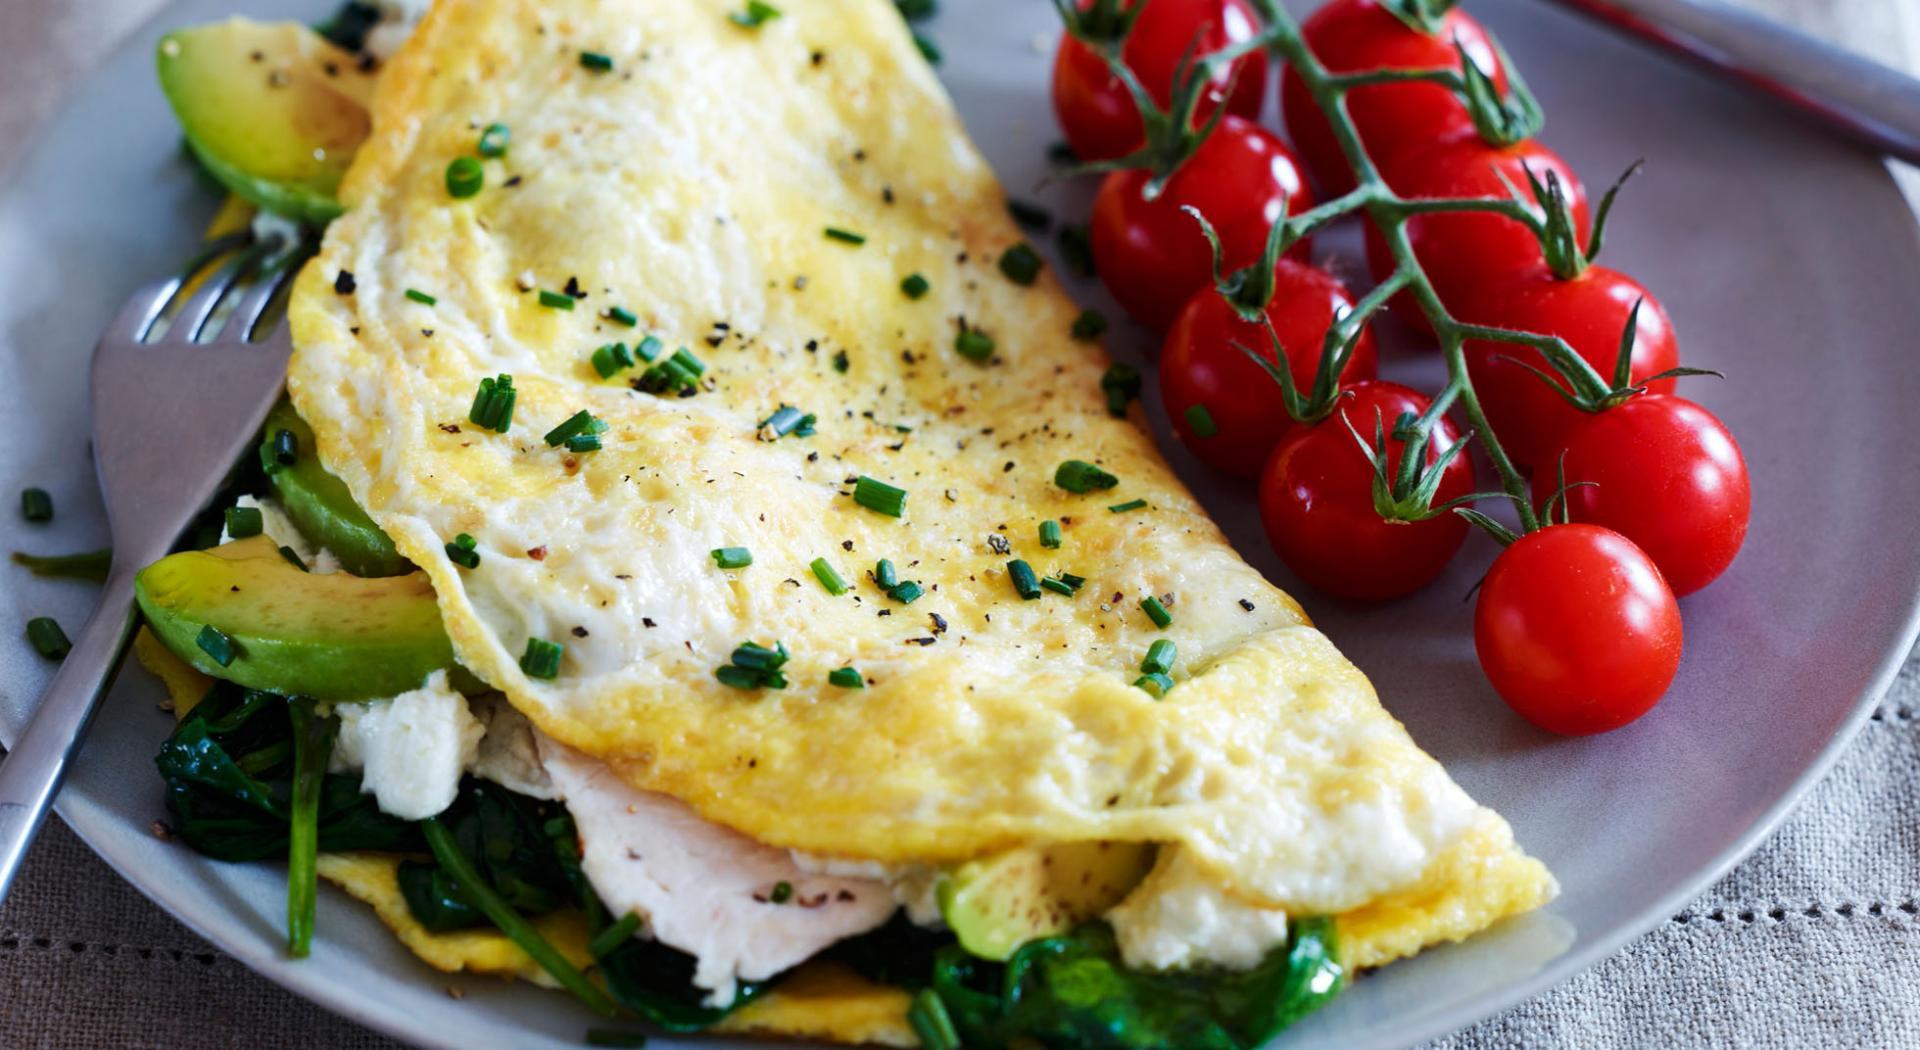 Omelette Ricetta Ripieno.Omelette Ripiene Tante Ricette Da Mettere Nella Schiscia Aia Food